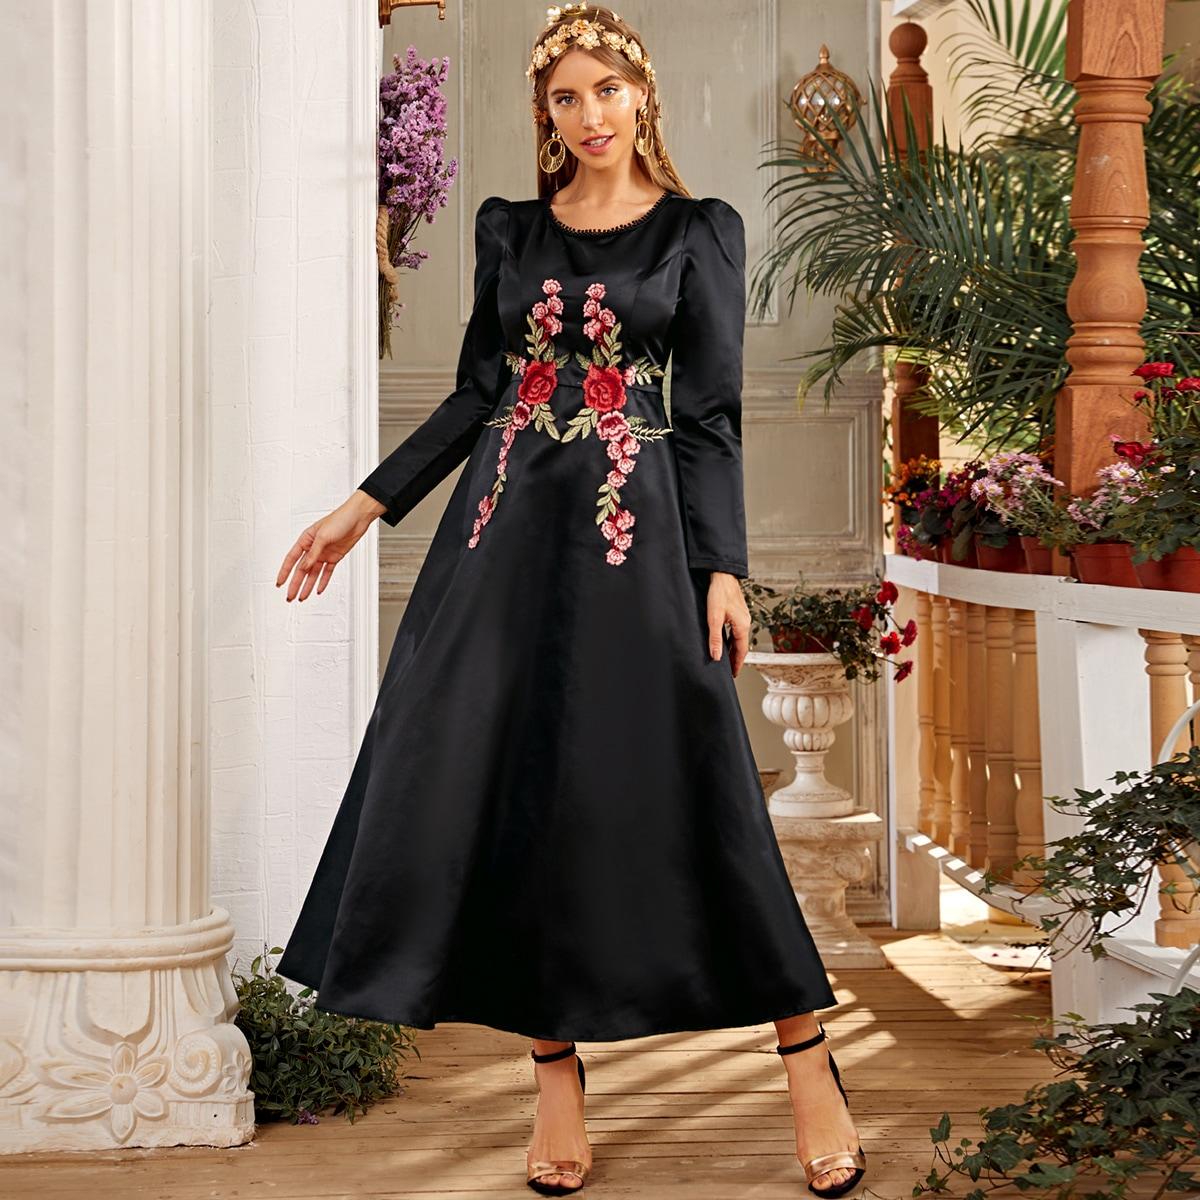 Длинное платье с пышными рукавами и цветочной вышивкой фото